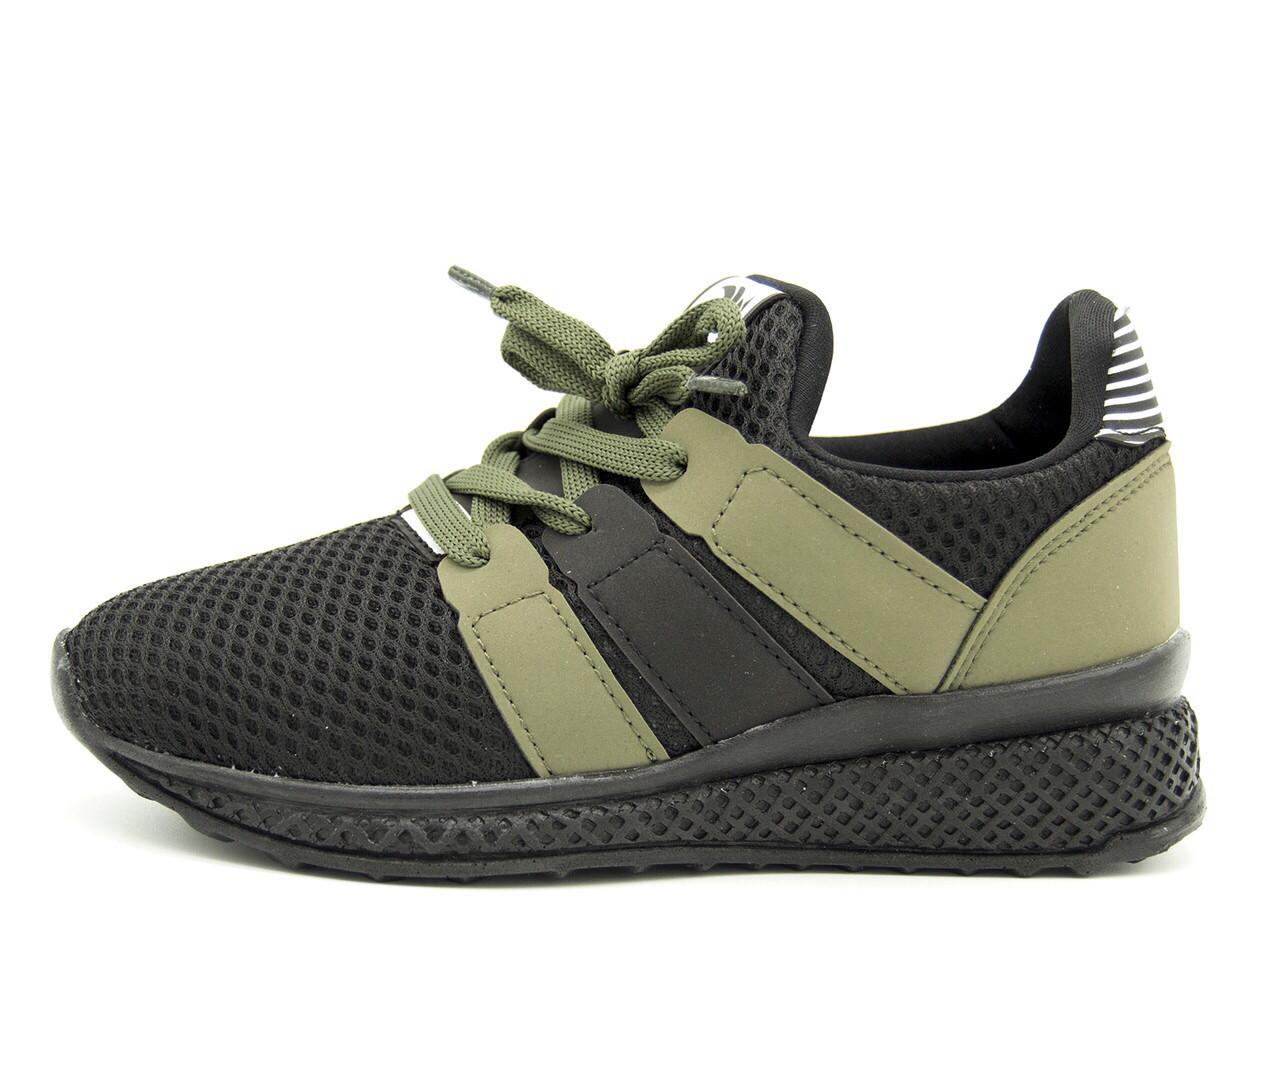 Кроссовки для мальчика Турция Черные-хаки Размер - 31 (20 см)